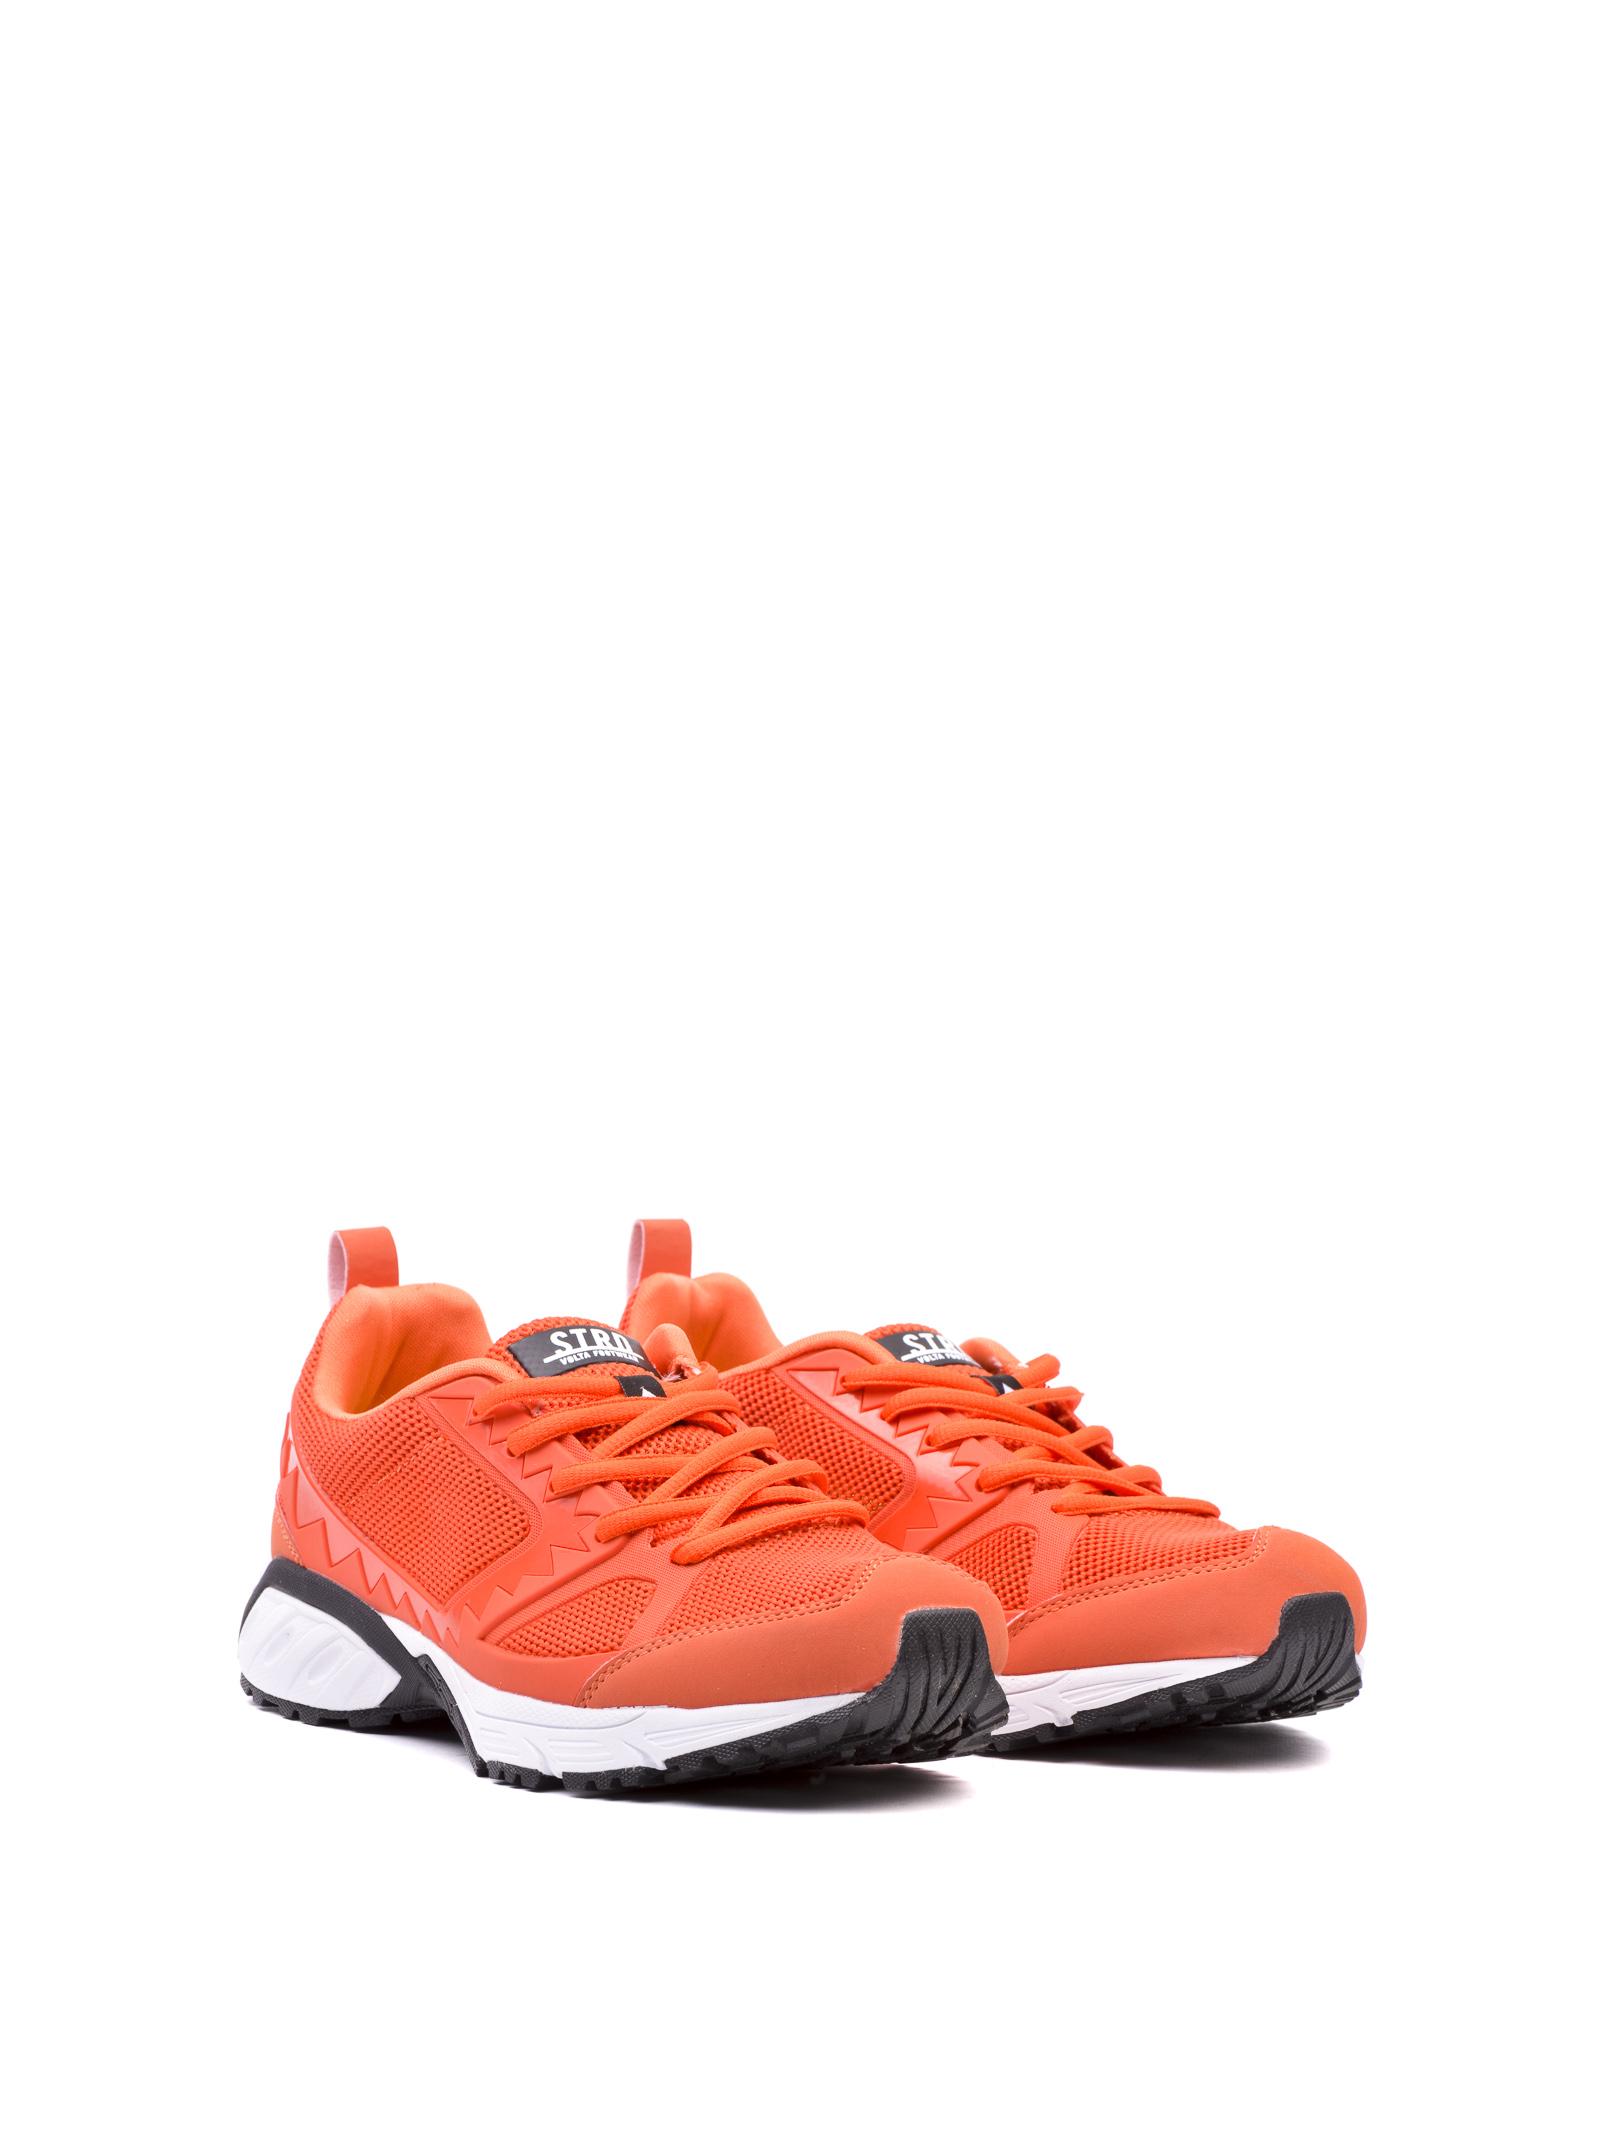 volta Volta Terra Décor Sneakers